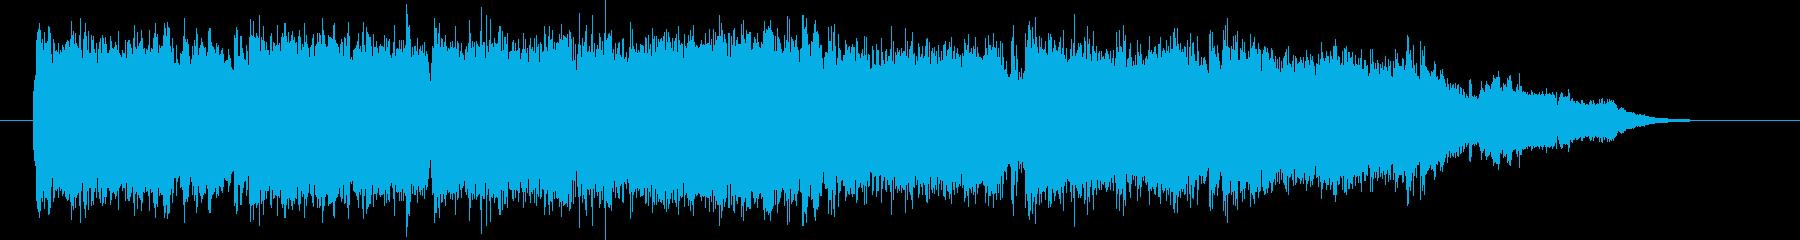 切なく優しいボイスシンセサウンドの再生済みの波形